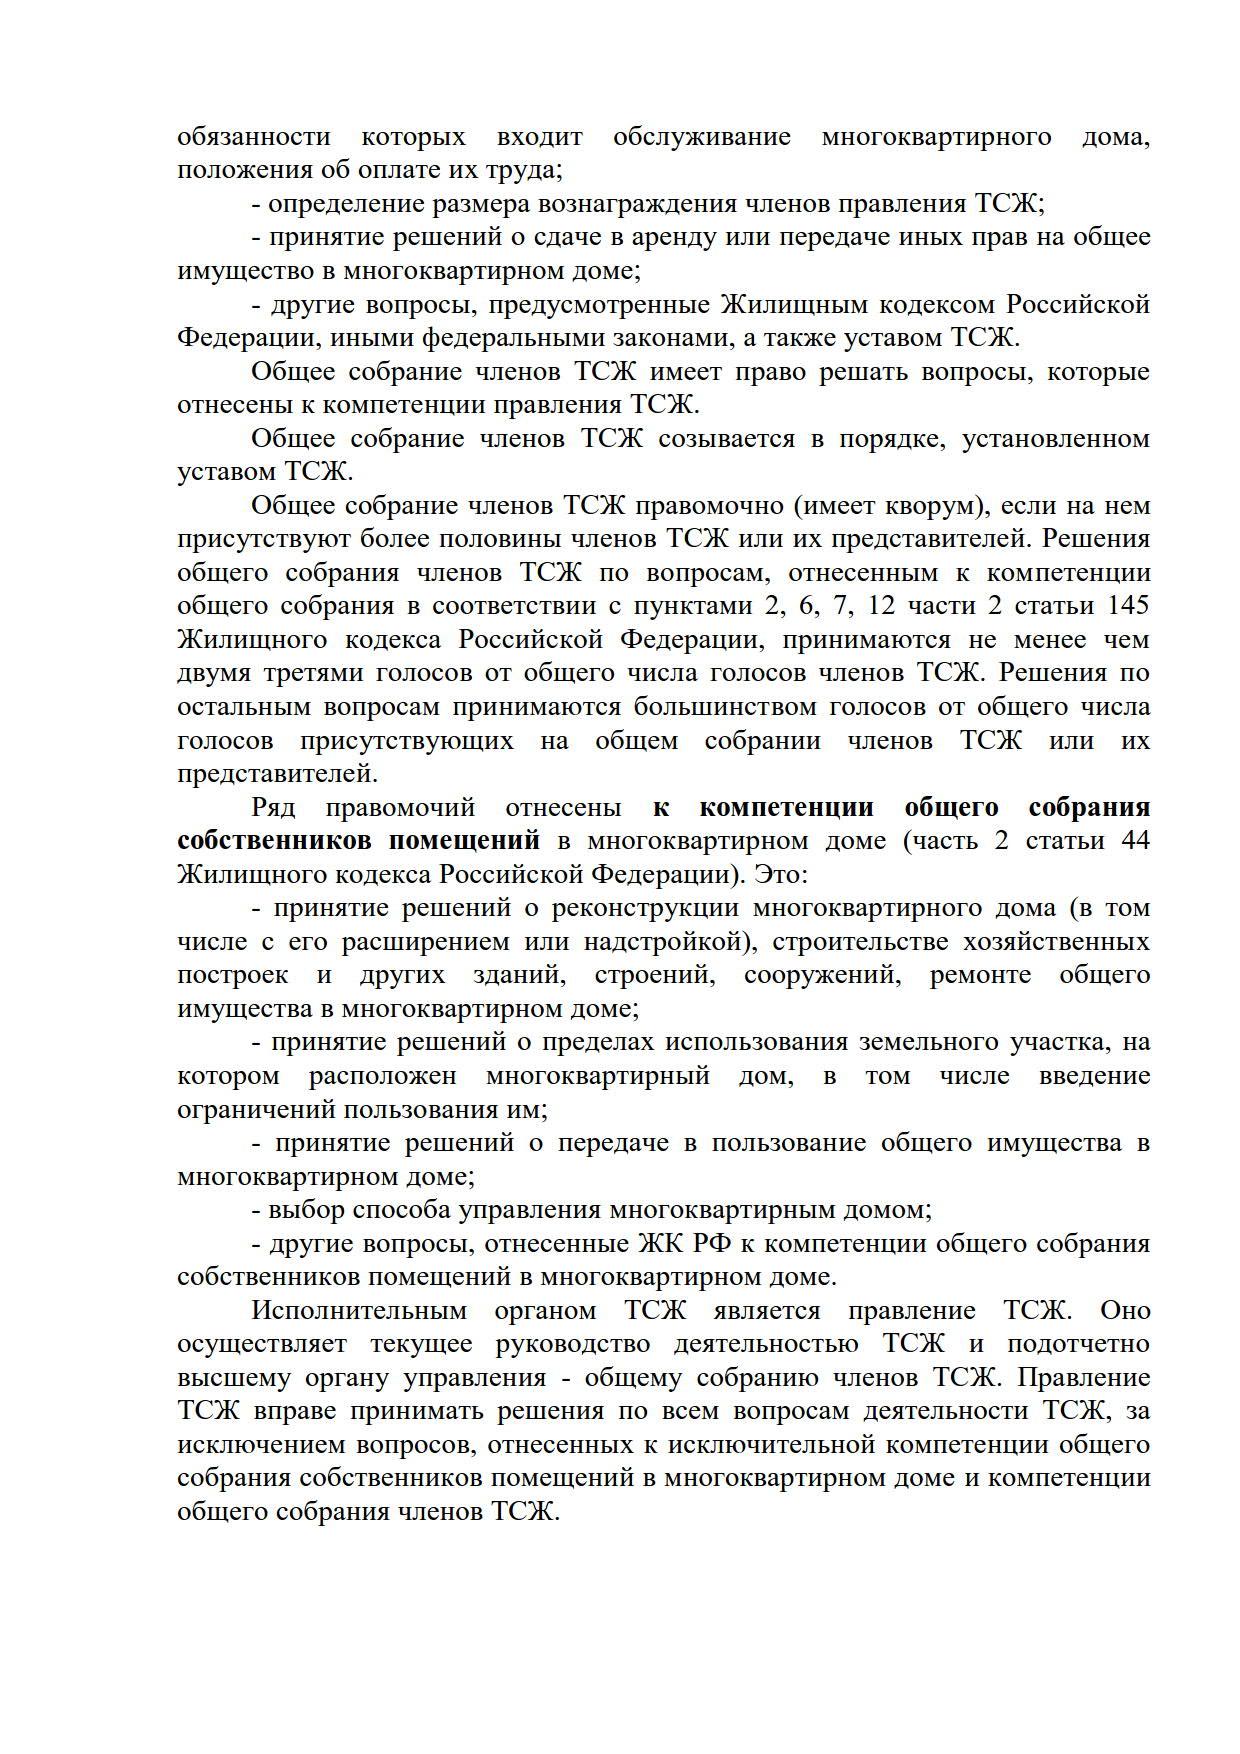 Управление ТСЖ_4